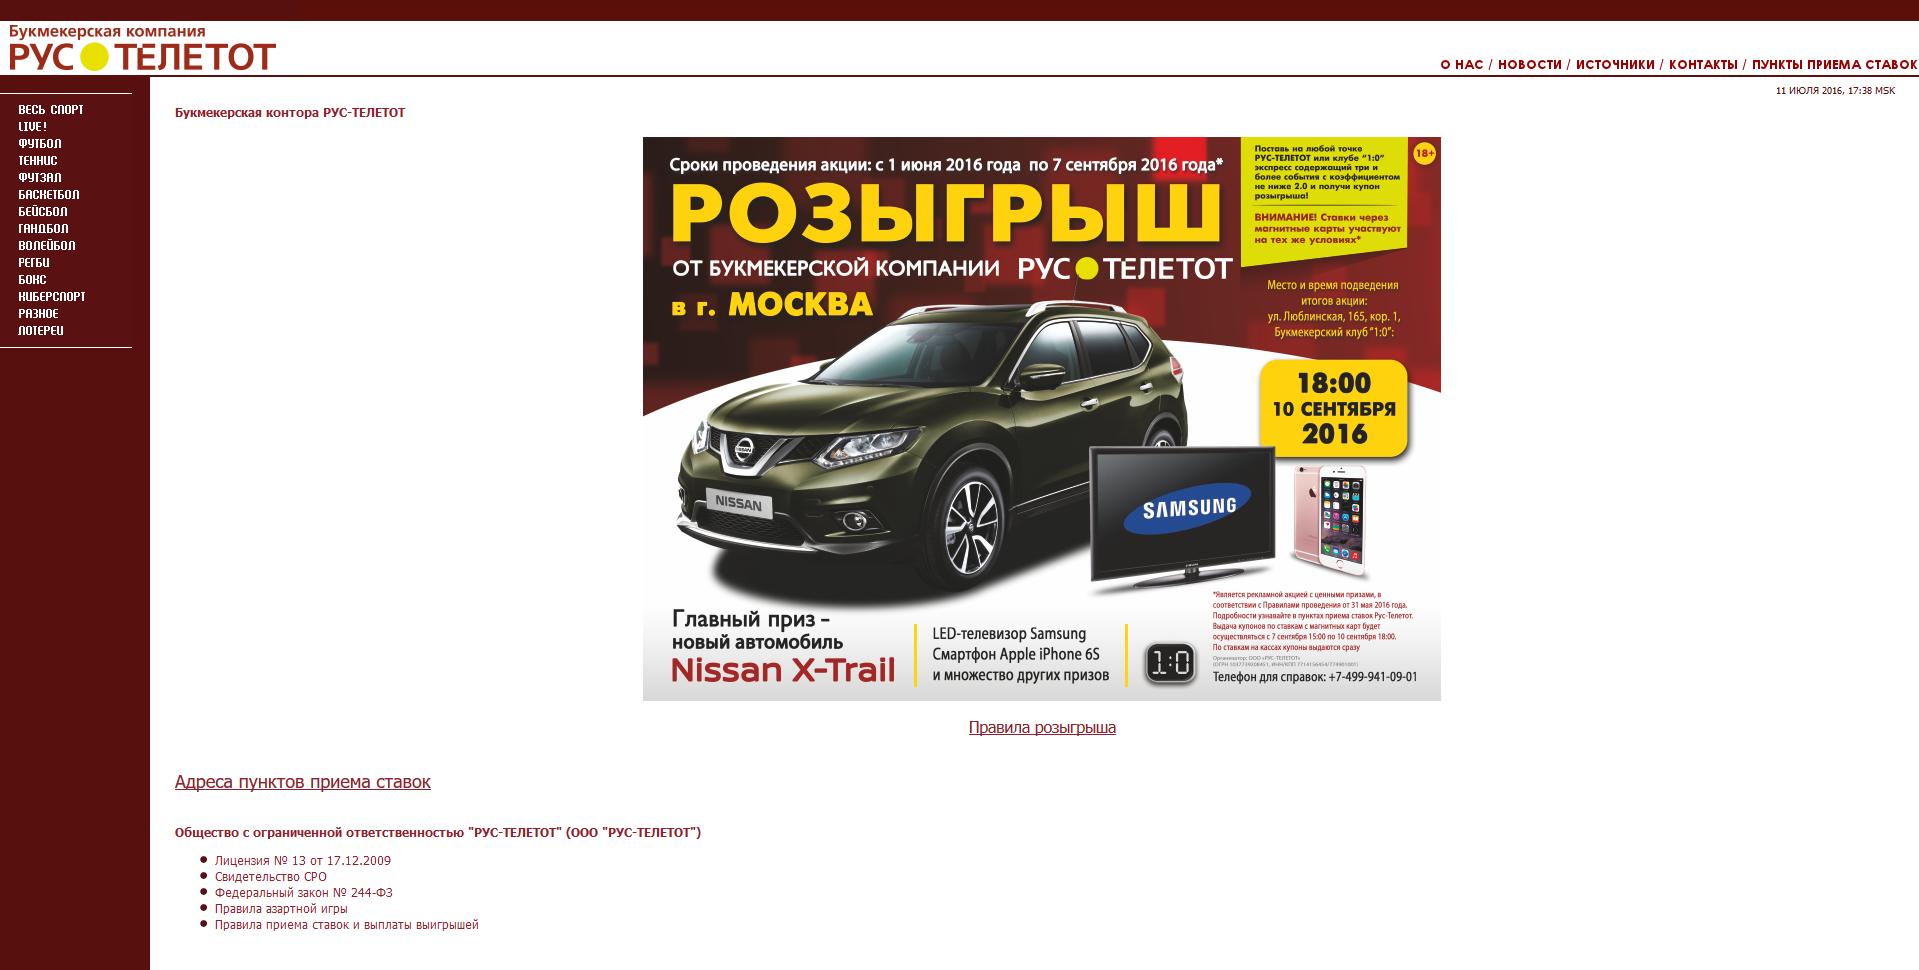 Сайт рустелетот